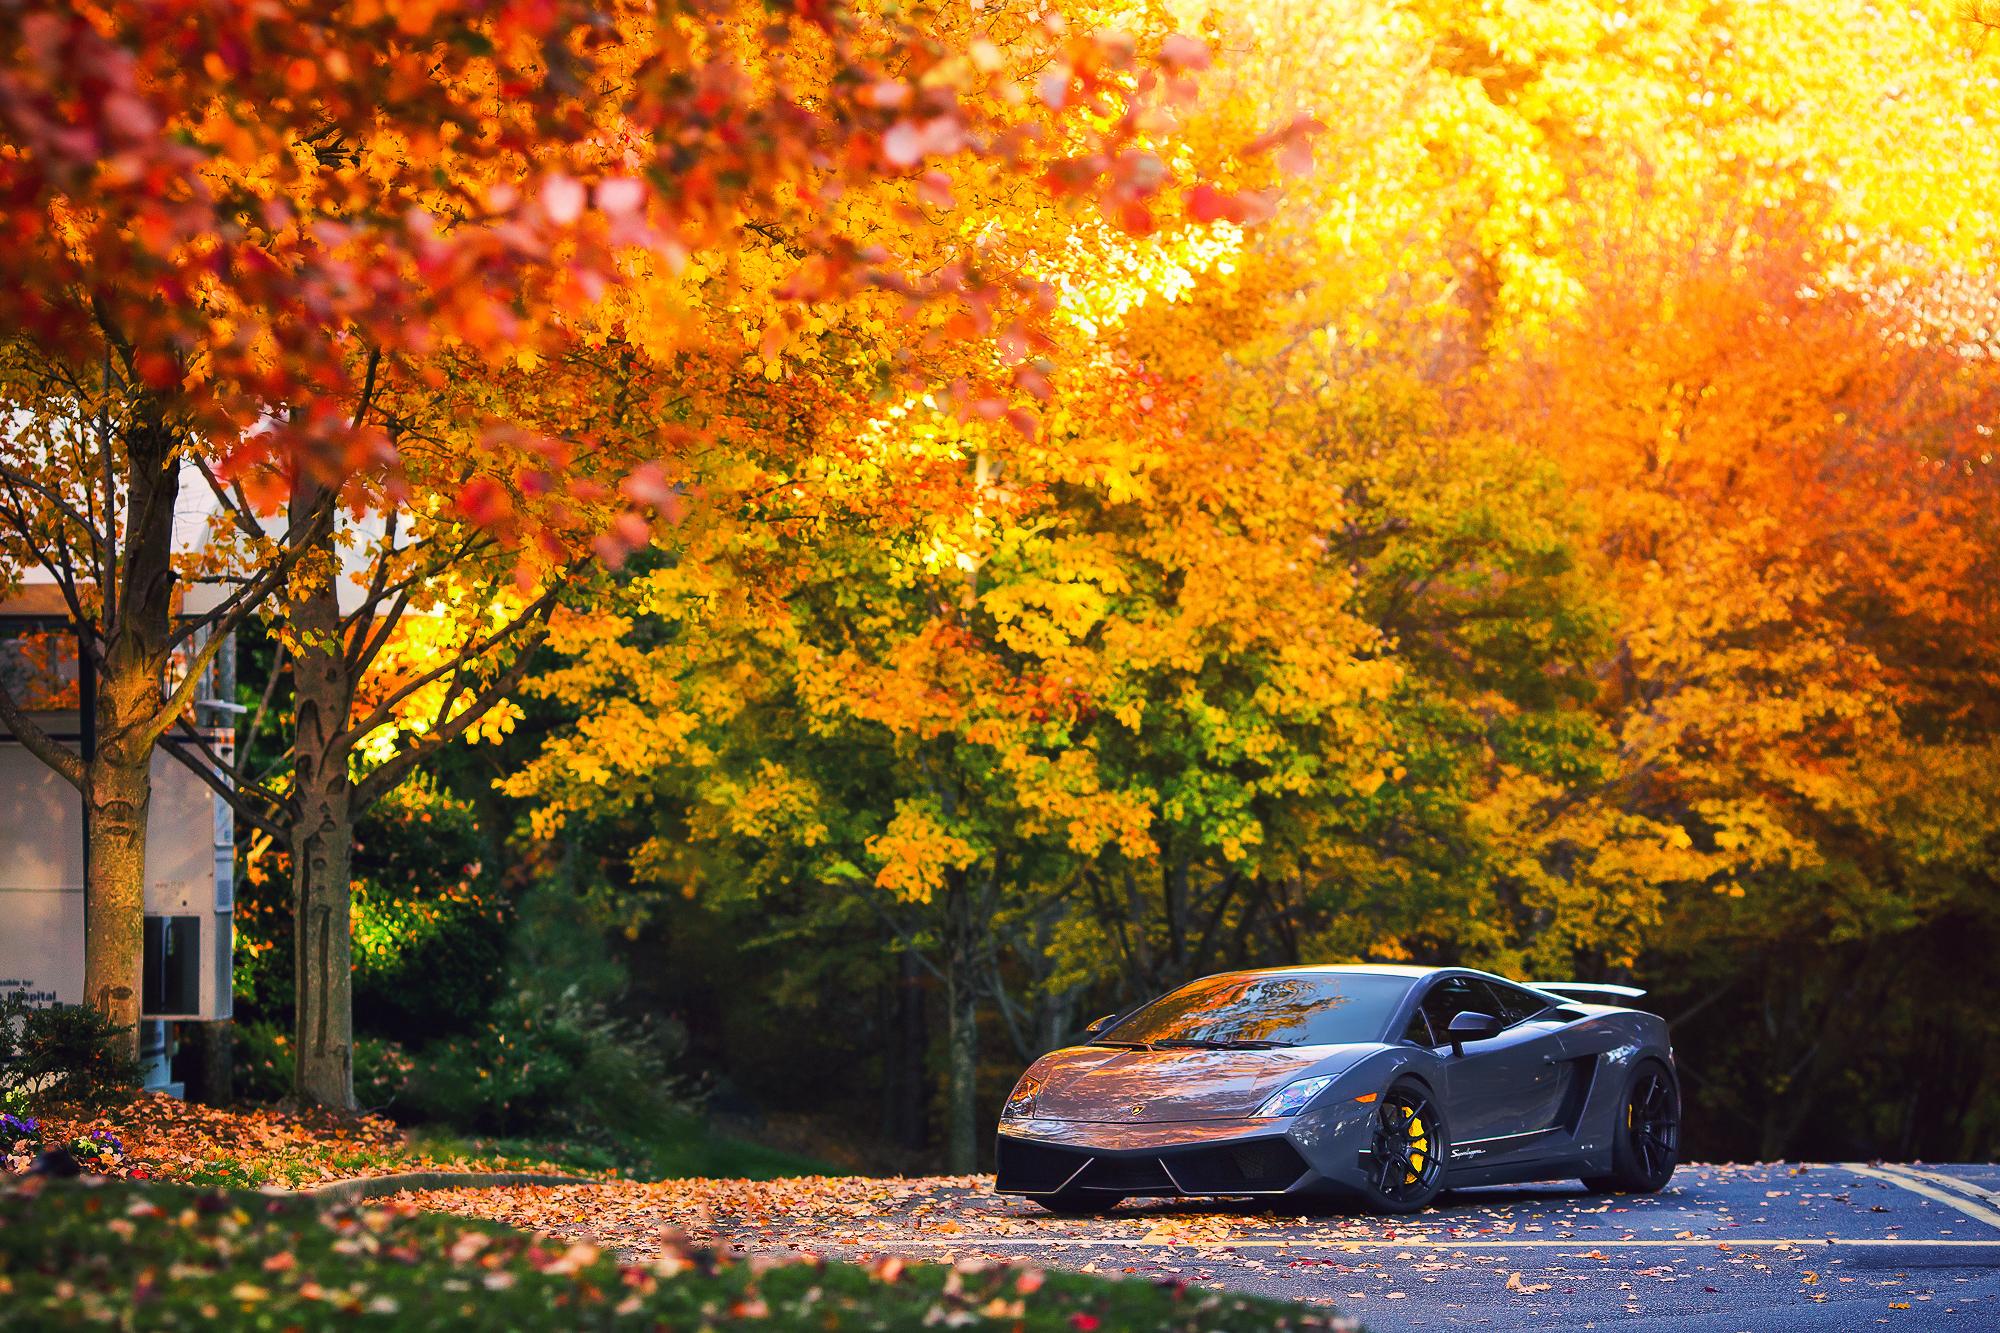 144492 Hintergrundbild herunterladen Herbst, Lamborghini, Cars, Gallardo, Superleggera, Lp570 - Bildschirmschoner und Bilder kostenlos